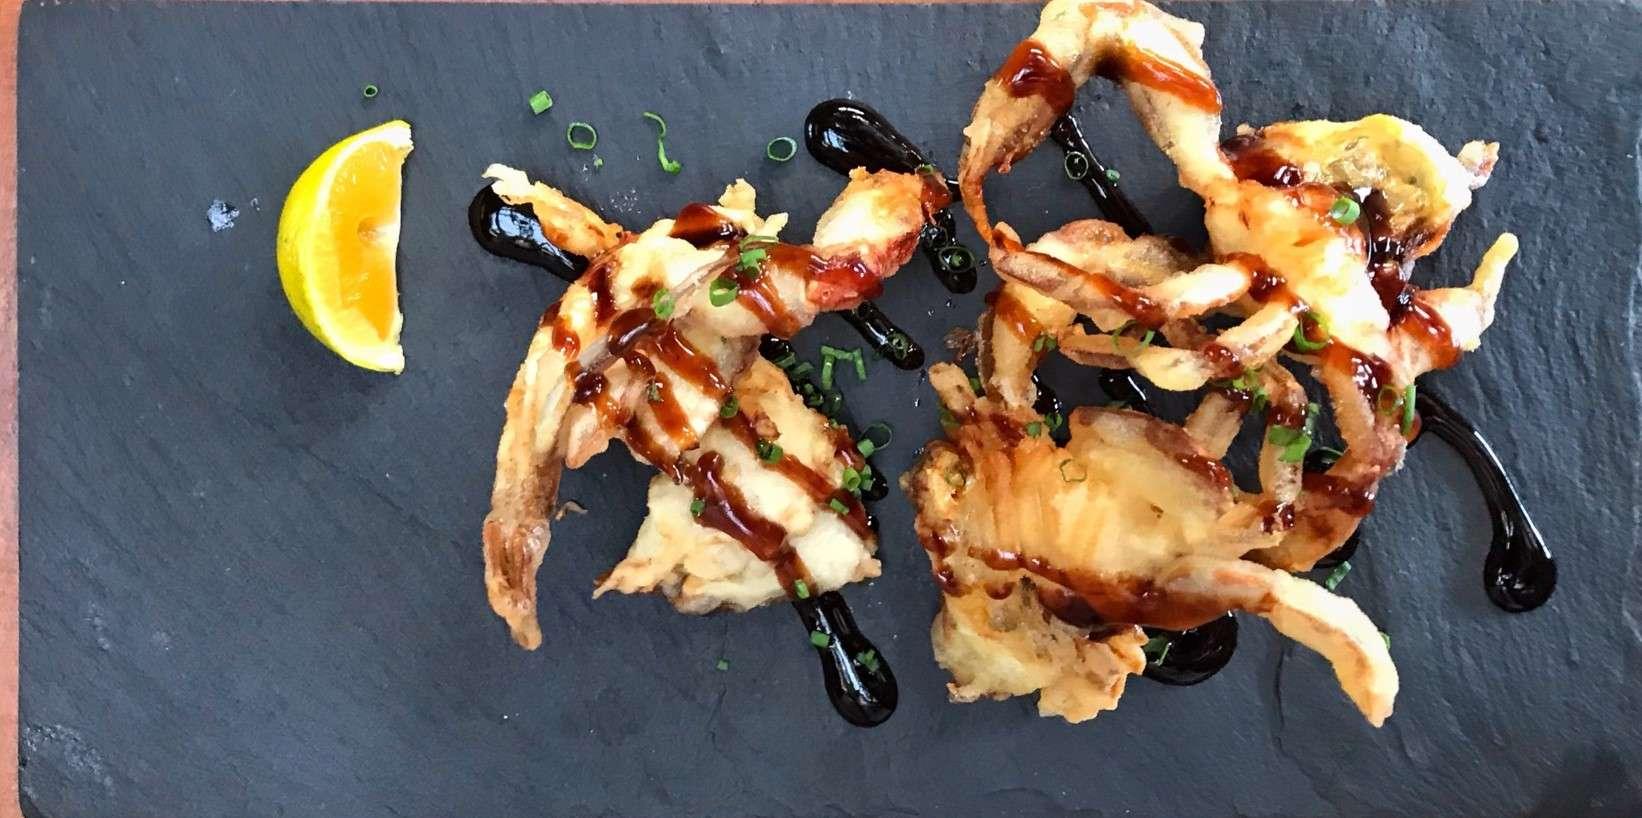 Fogão Gastronomia em Floripa | Shareeat